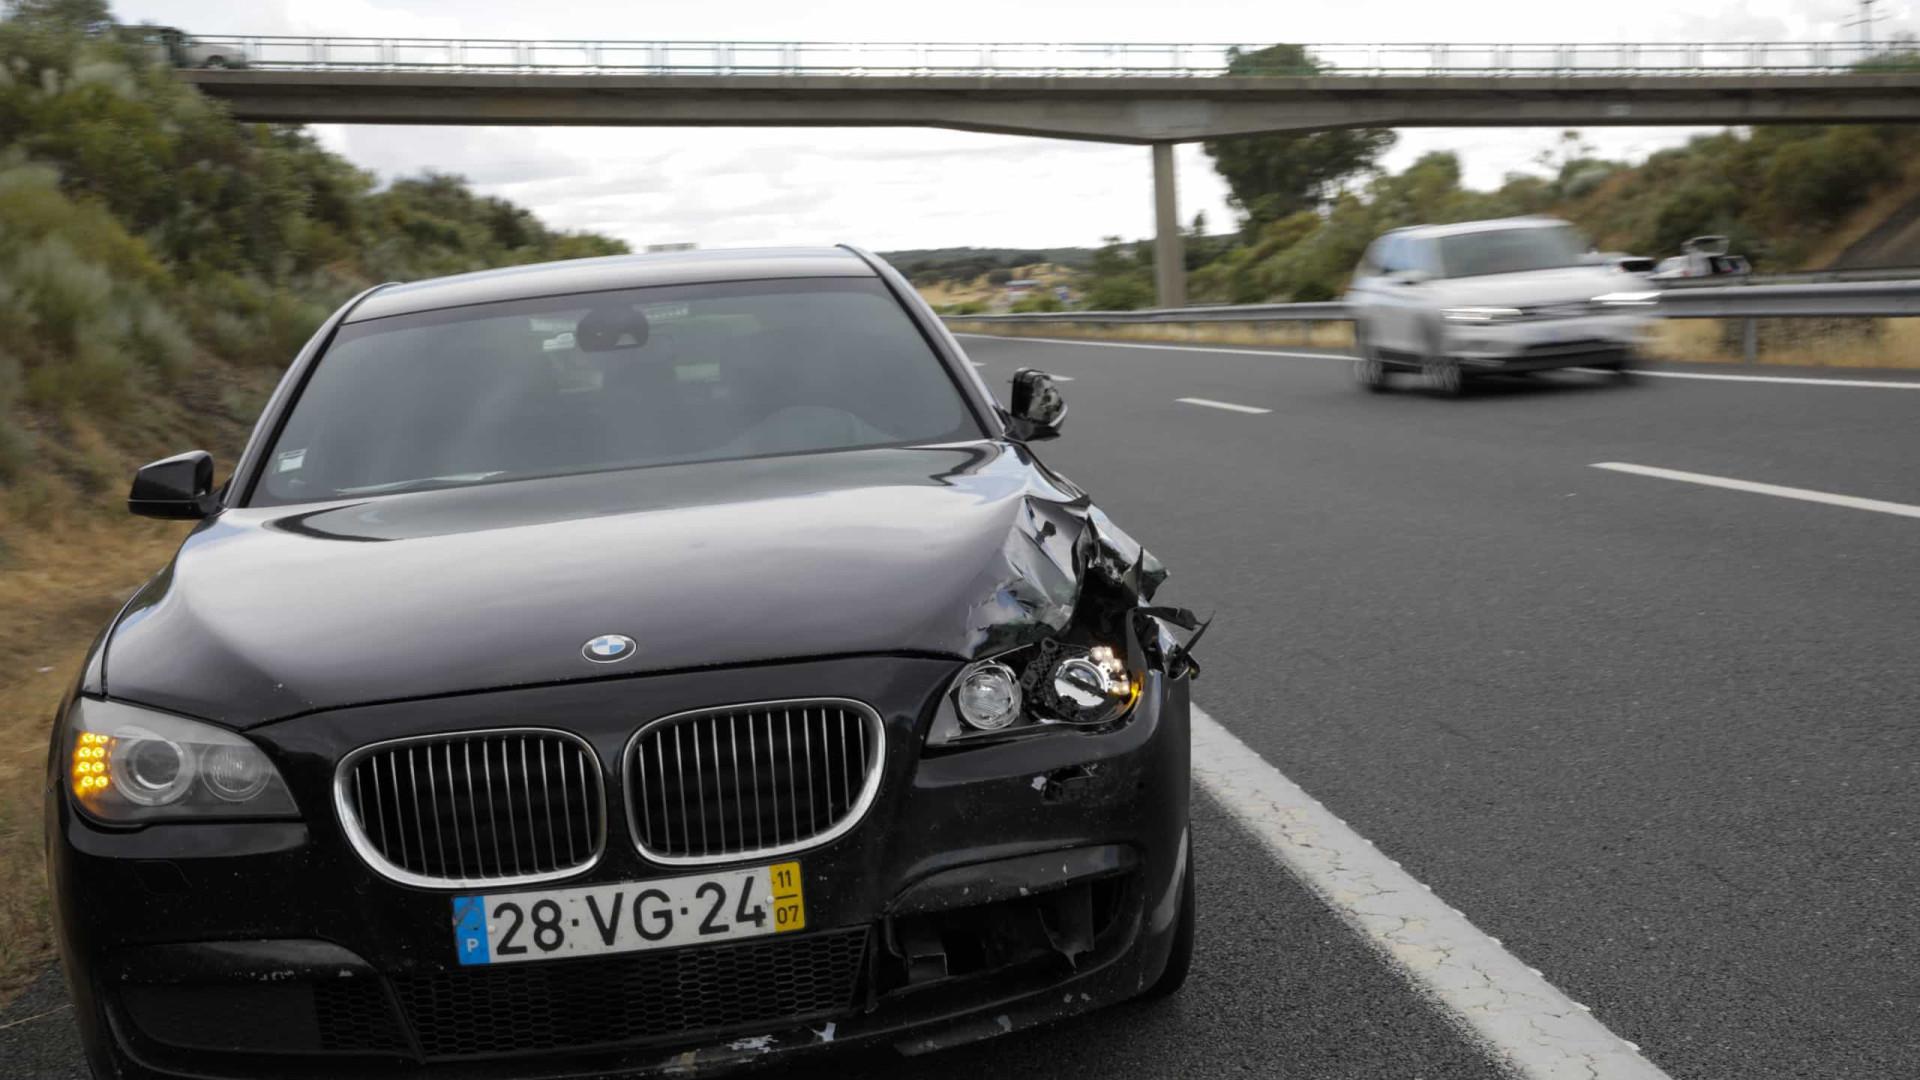 Aberto inquérito a morte de trabalhador atropelado na A6 por carro do MAI